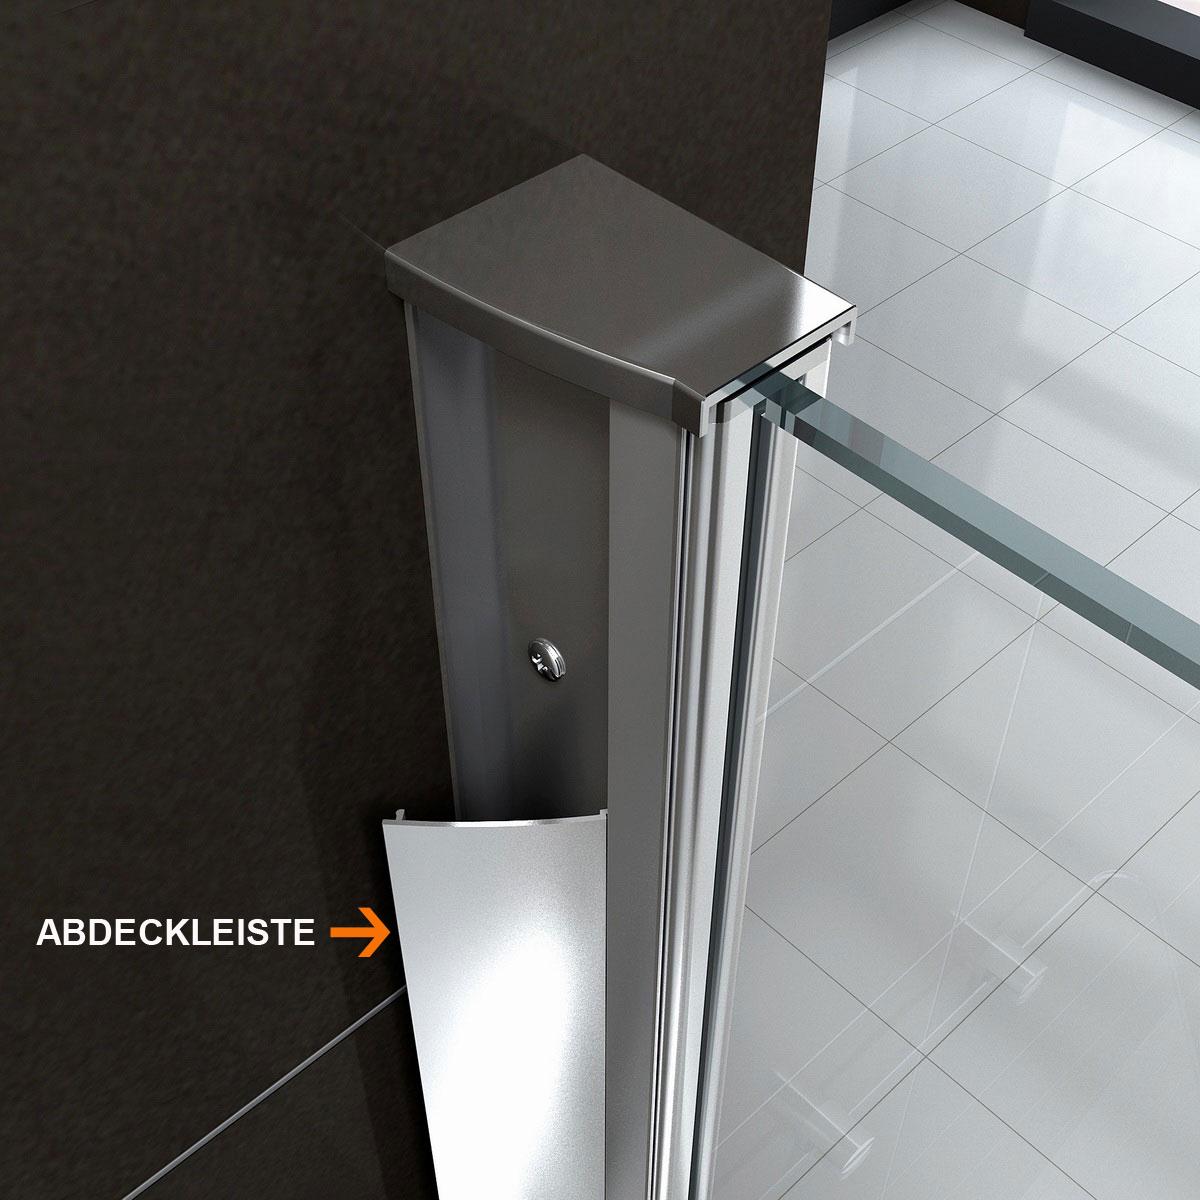 duscht r glas dusche duschwand dusche viele ausf hrungen nano von 75 100 cm ebay. Black Bedroom Furniture Sets. Home Design Ideas